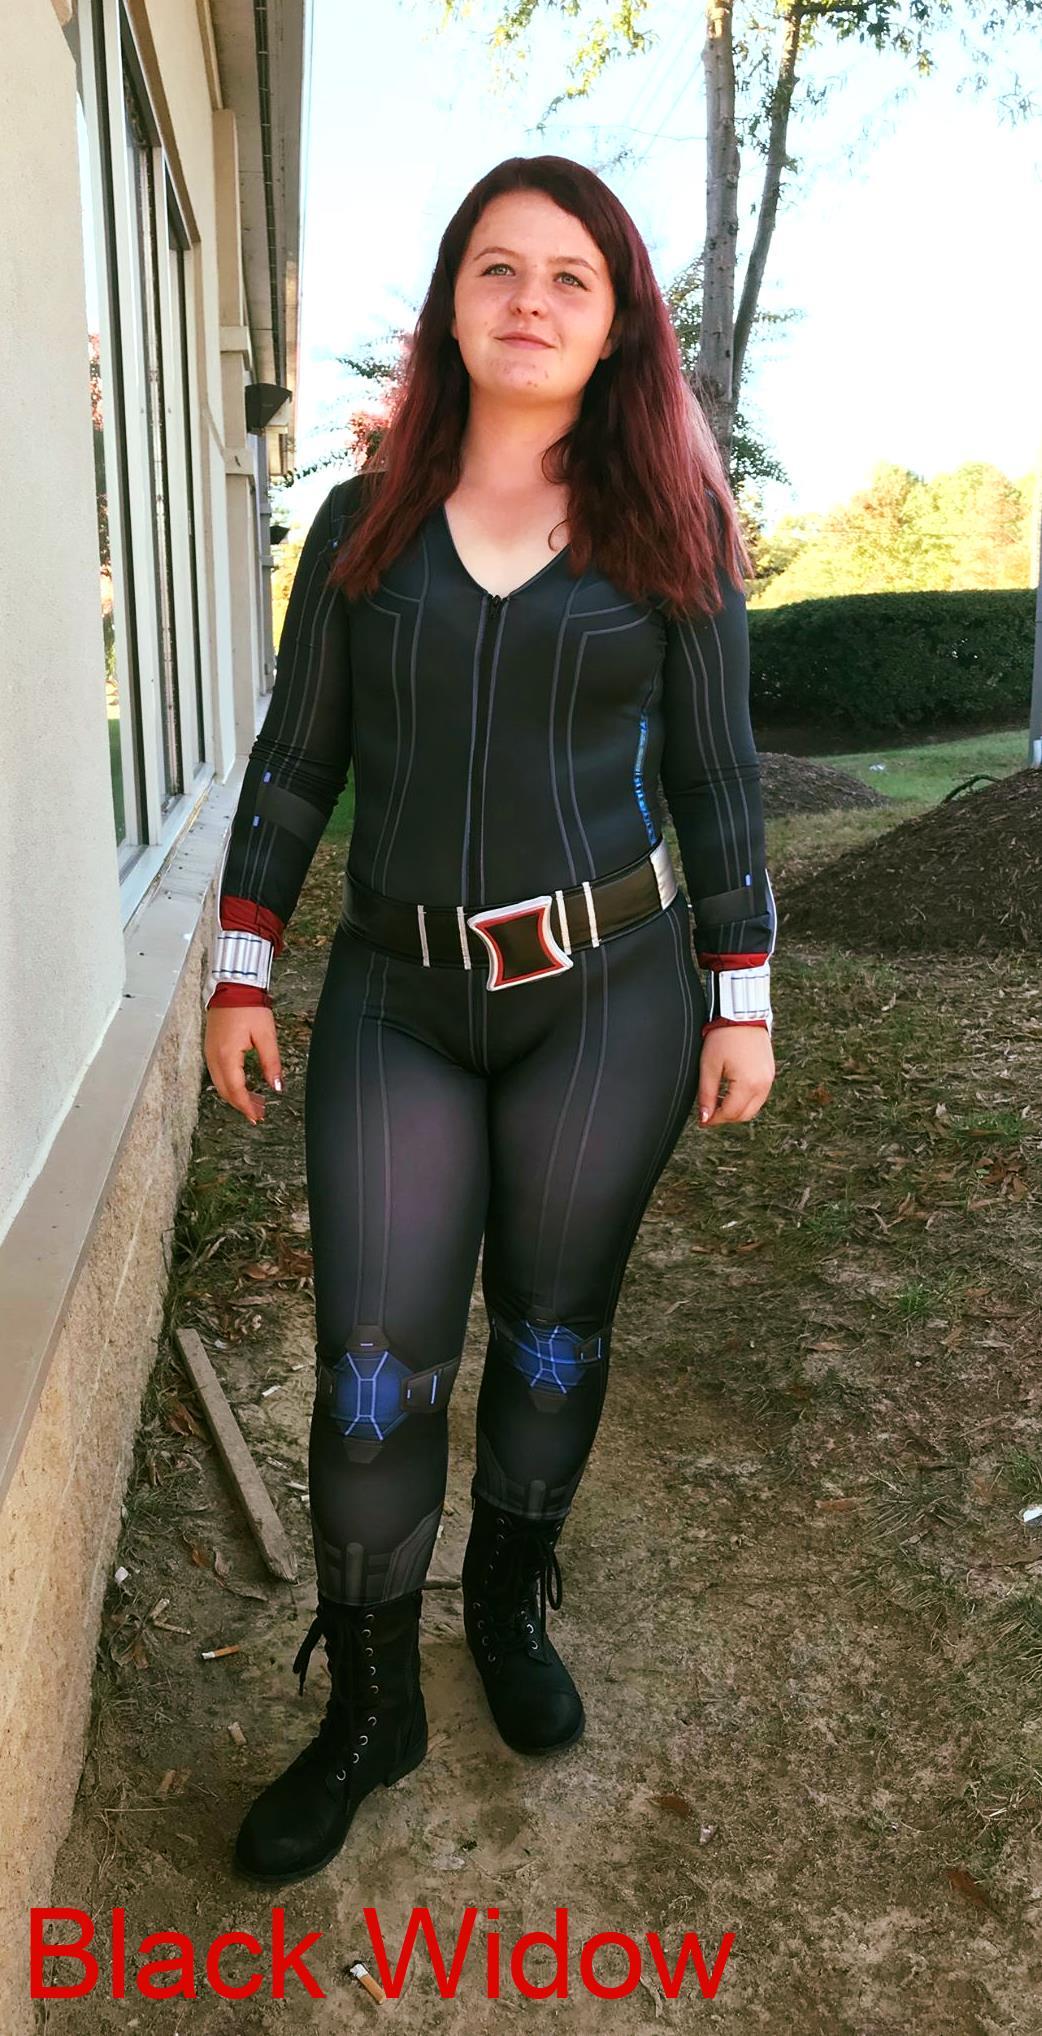 halloween costume, flagstop richmond va